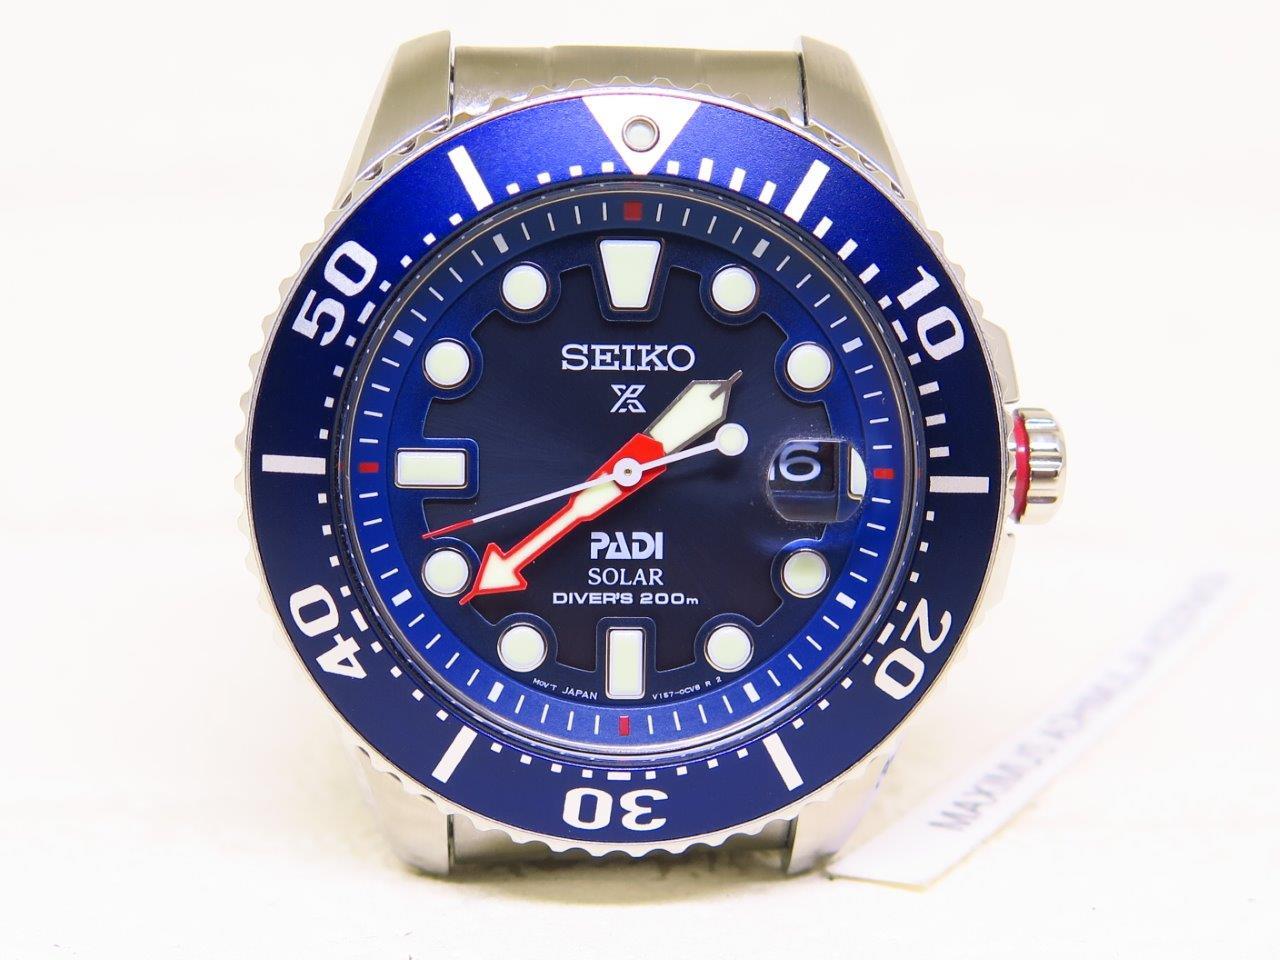 SEIKO DIVER 200m PADI SOLAR BLUE DIAL - SEIKO SNE435P1